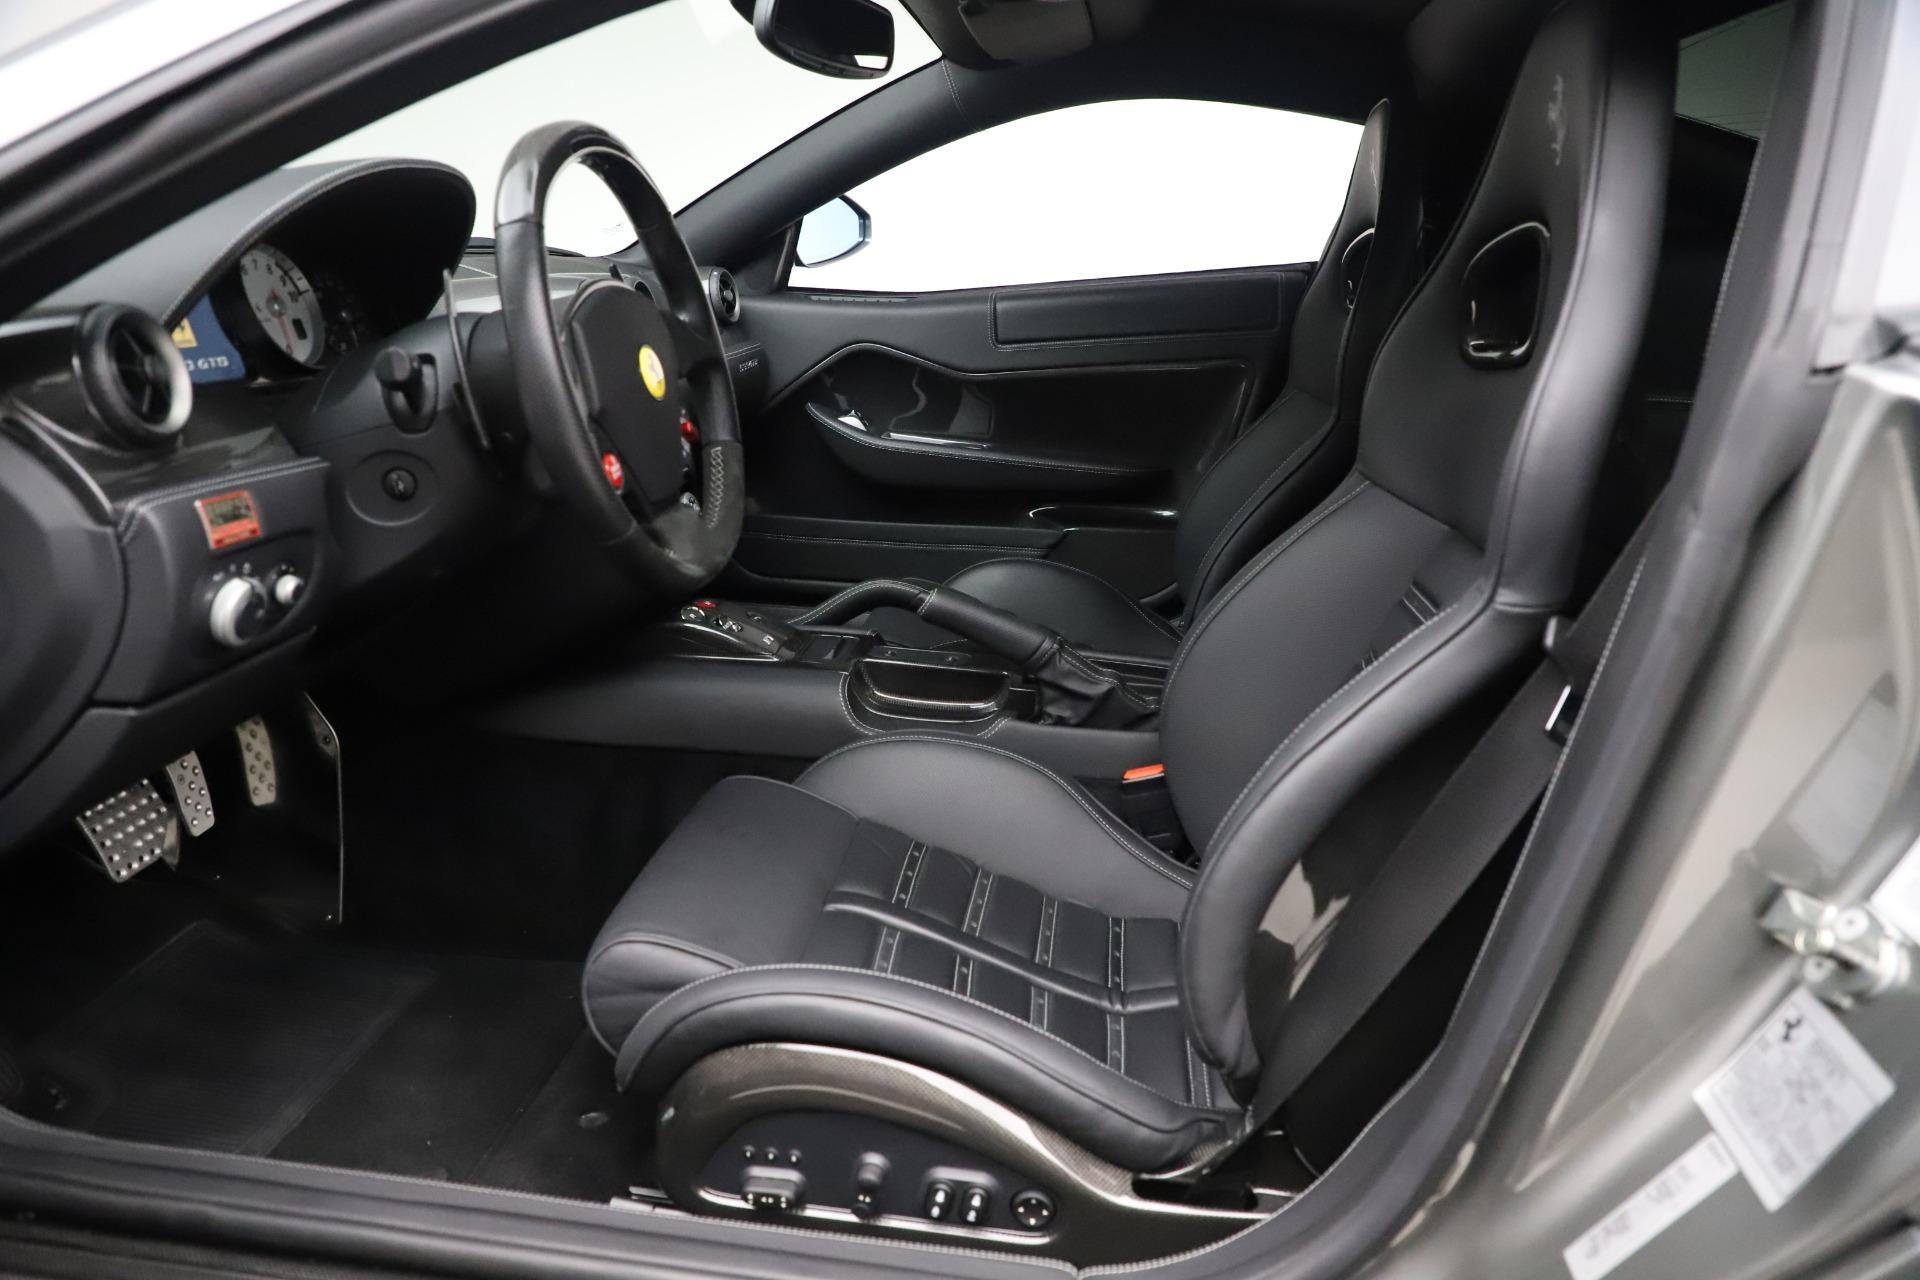 Used 2010 Ferrari 599 GTB Fiorano HGTE For Sale In Westport, CT 3544_p14